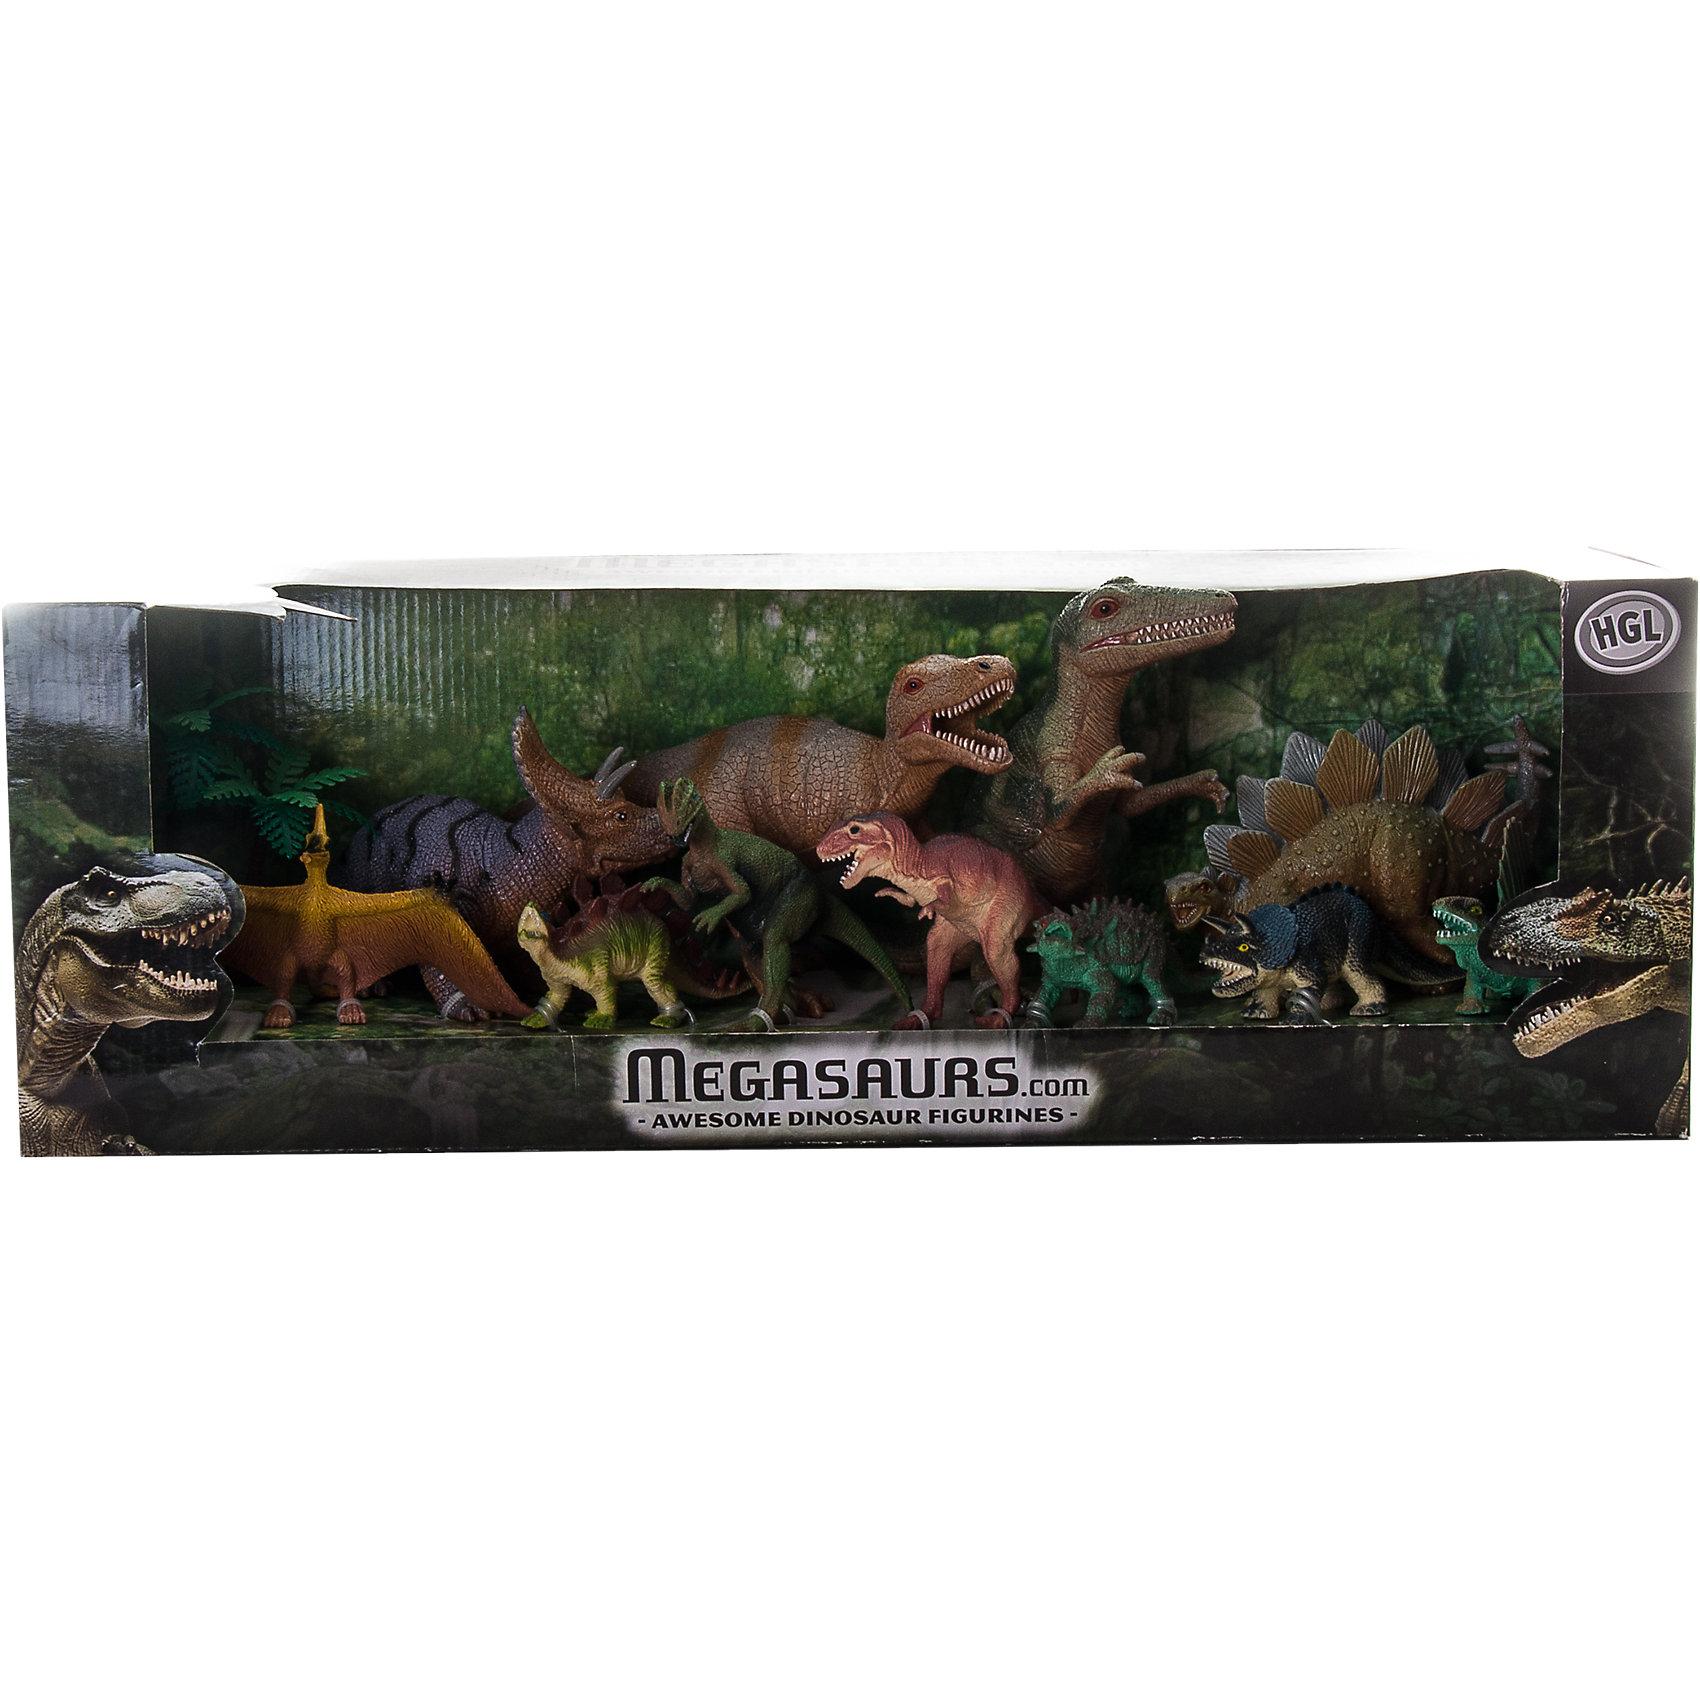 Игровой набор динозавров, 12 шт, HGL, в ассортиментеДраконы и динозавры<br>Детей всех возрастов привлекают фильмы и рассказы о доисторических временах и чудесных динозаврах, населявших Землю до возникновения человека. Подстегните фантазию юного любителя древностей - подарите ему динозавра из серии игрушек HGL. Специалисты компании создавали игрушки максимально похожими на своих прародителей, поэтому динозавры HGL такие интересные. Динозавры от HGL - замечательный масштабный игровой набор состоящий из двенадцати фигурок ящеров, существовавших на Земле много миллионов лет назад. Среди них яркие представители изученных видов динозавров: свирепые хищники и травоядные. Особенный интерес представляет тот факт, что все динозавры выполнены в масштабе, поэтому ребенок сможет наглядно представить каких размеров был каждый вид динозавра по сравнению с другим. Ребенку обязательно захочется узнать все о повадках и образе жизни каждого ящера. А применить эти знания можно разыгрывая истории с замечательным набором от HGL. Ребенок будет в восторге от такого замечательного подарка. Массивные динозавры сделаны из мягкого ПВХ безопасного для детей. Внушительные размеры и отличная детализация динозавров помогут ребенку окунуться в далекий и такой манящий доисторический мир, полный приключений.<br><br>Дополнительная информация:<br><br>- Внешний вид фигурок основан на реальных данных палеонтологов;<br>- Материал: ПВХ;<br>- Размер упаковки: 16,5 х 16,5 х 53,5 см;<br>- Вес: 1,2 кг<br><br>ВНИМАНИЕ! Данный товар представлен в ассортименте. К сожалению, предварительный выбор невозможен. При заказе нескольких единиц данного товара возможно получение одинаковых.<br><br>Игровой набор динозавров, 12 шт HGL в ассортименте можно купить в нашем интернет-магазине.<br><br>Ширина мм: 165<br>Глубина мм: 165<br>Высота мм: 535<br>Вес г: 1200<br>Возраст от месяцев: 36<br>Возраст до месяцев: 192<br>Пол: Унисекс<br>Возраст: Детский<br>SKU: 4135957